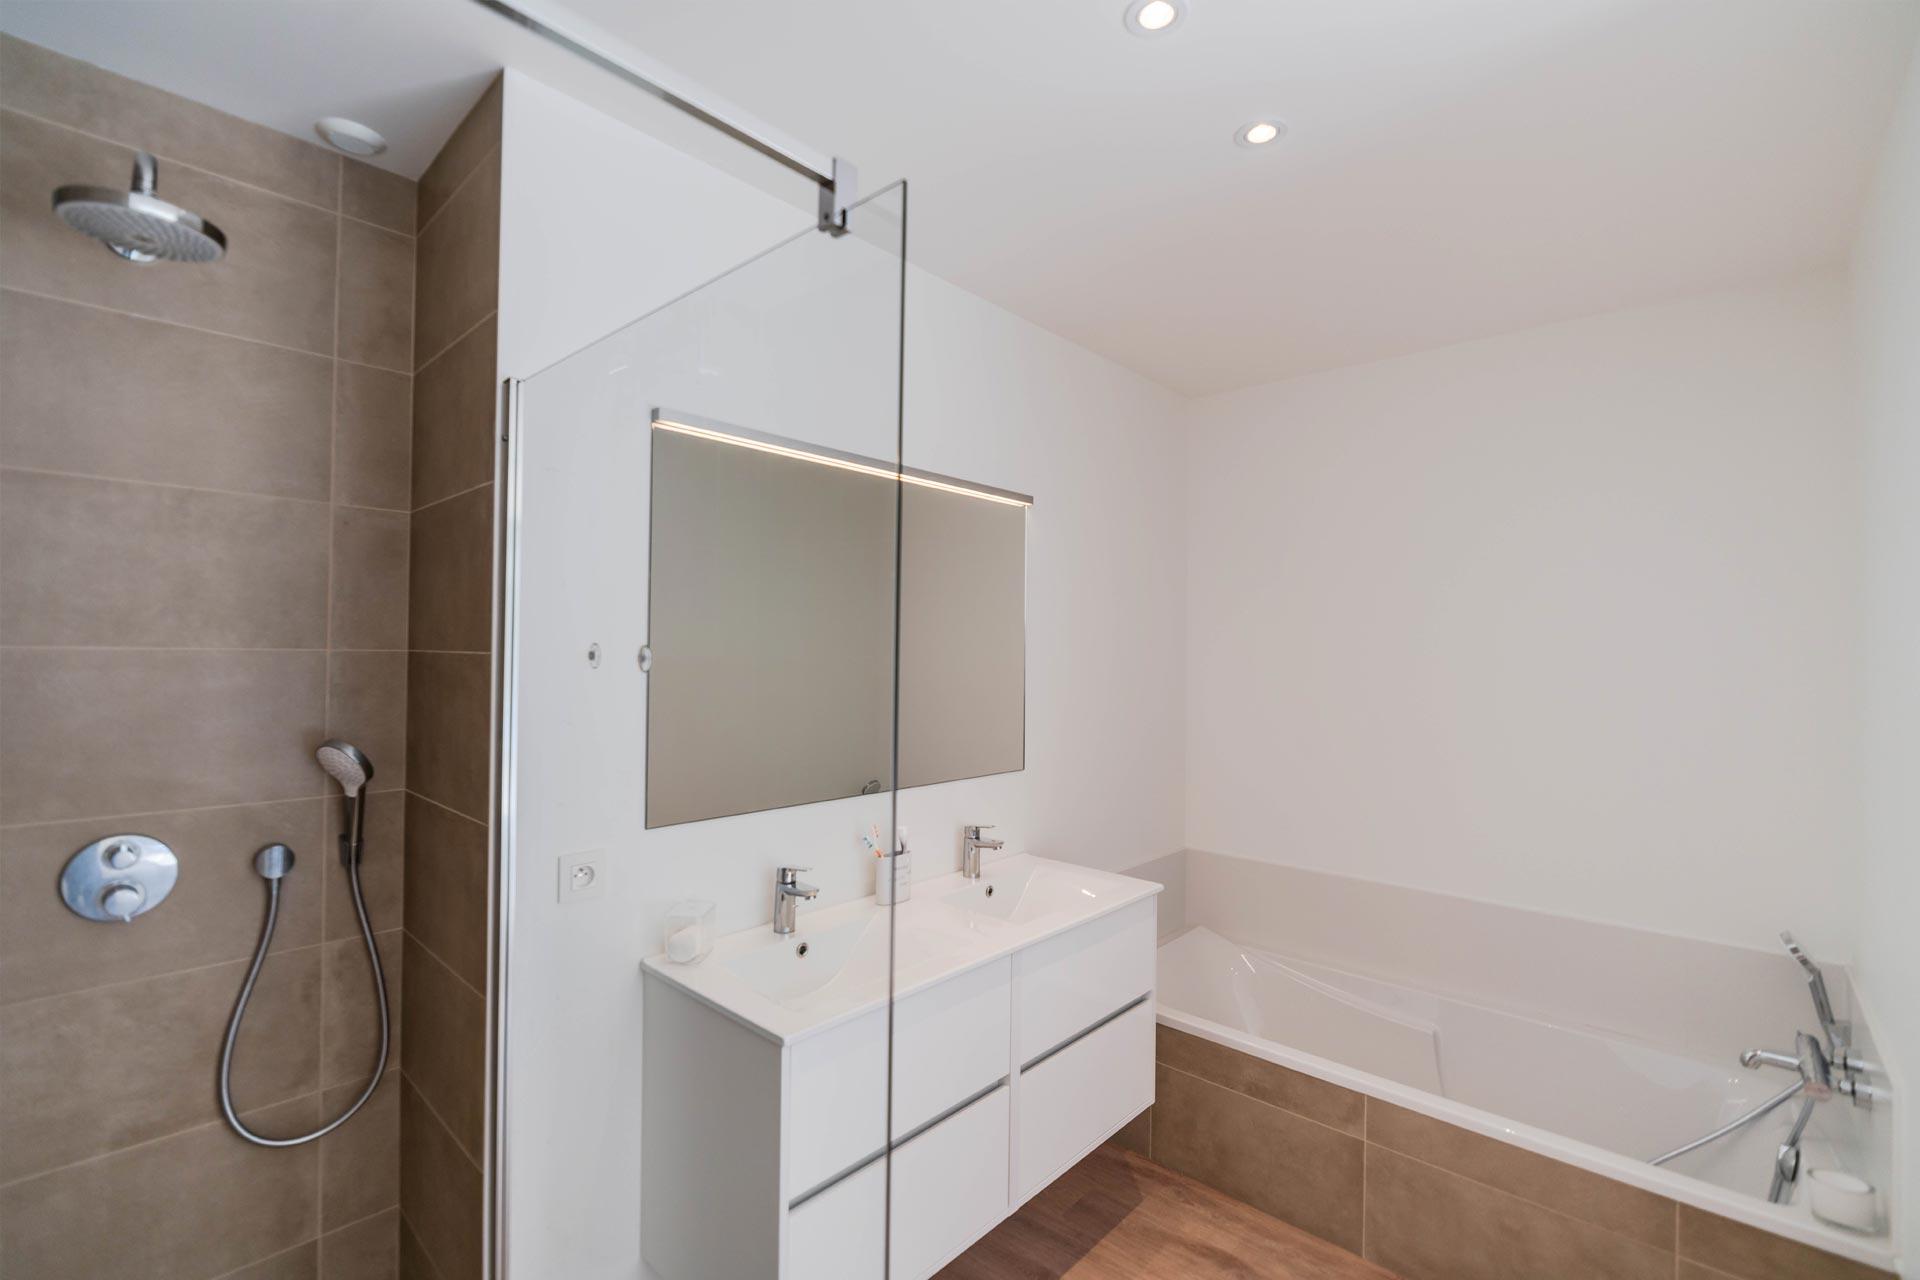 Salle de bain - Suite parentale - Nantes